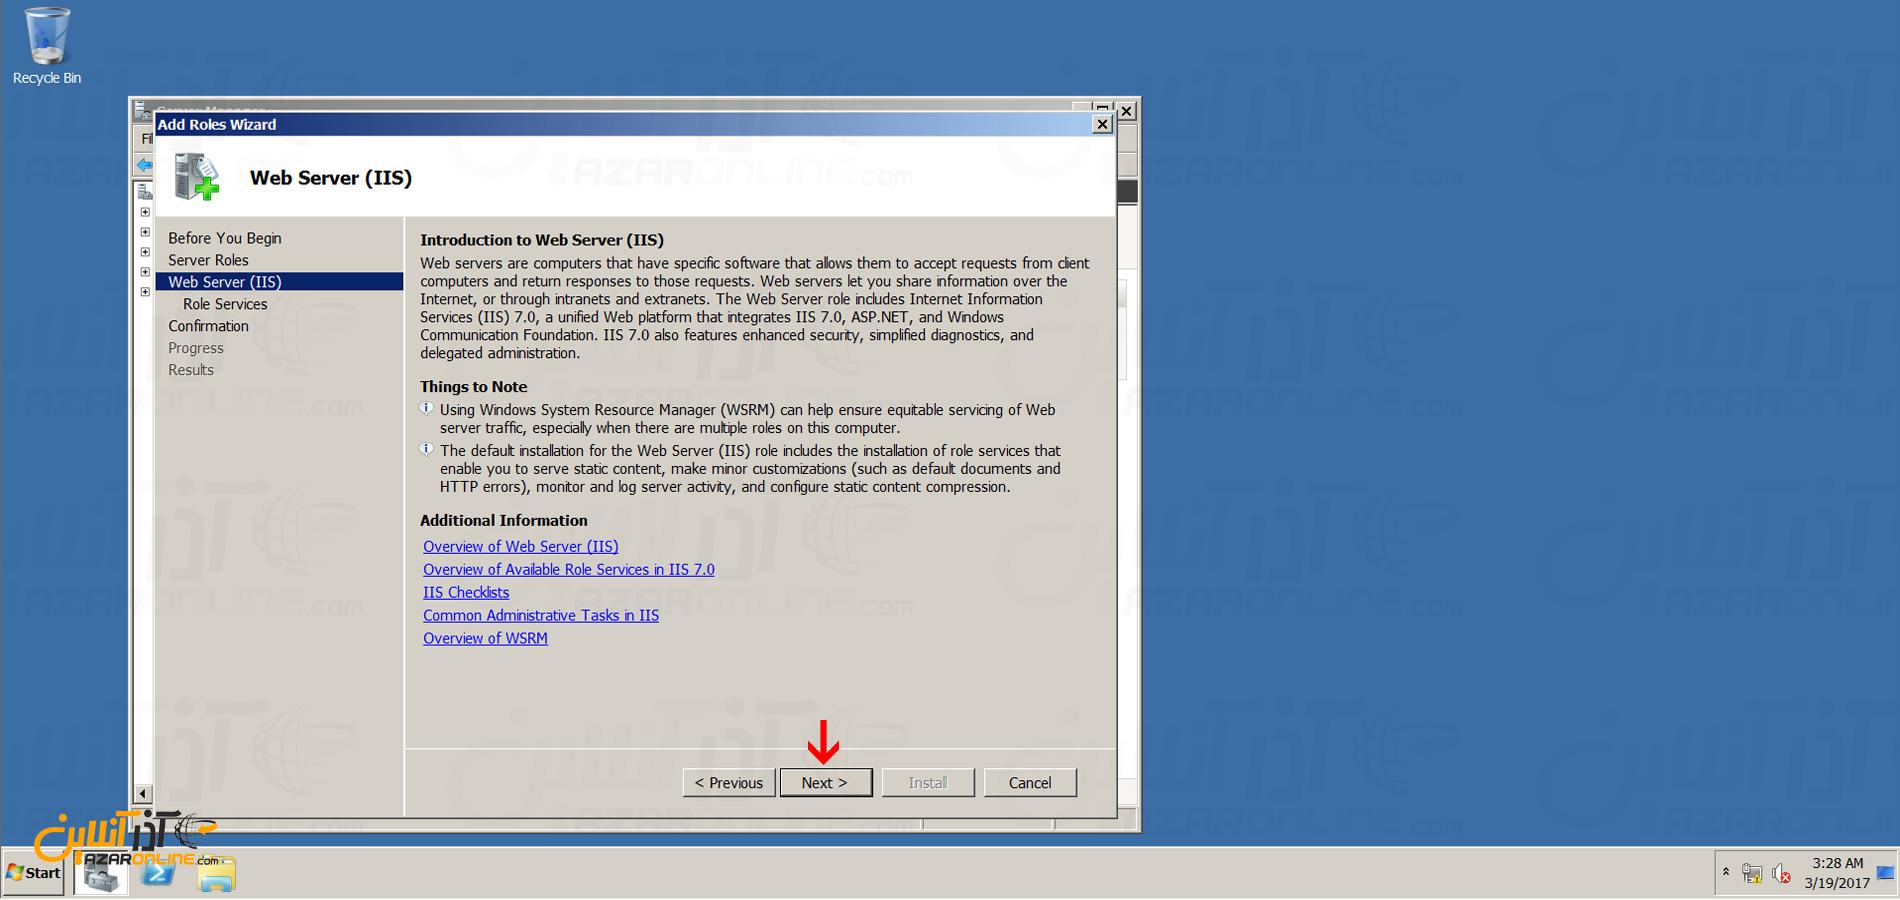 آموزش نصب iis در ویندوز 2008 - معرفی IIS